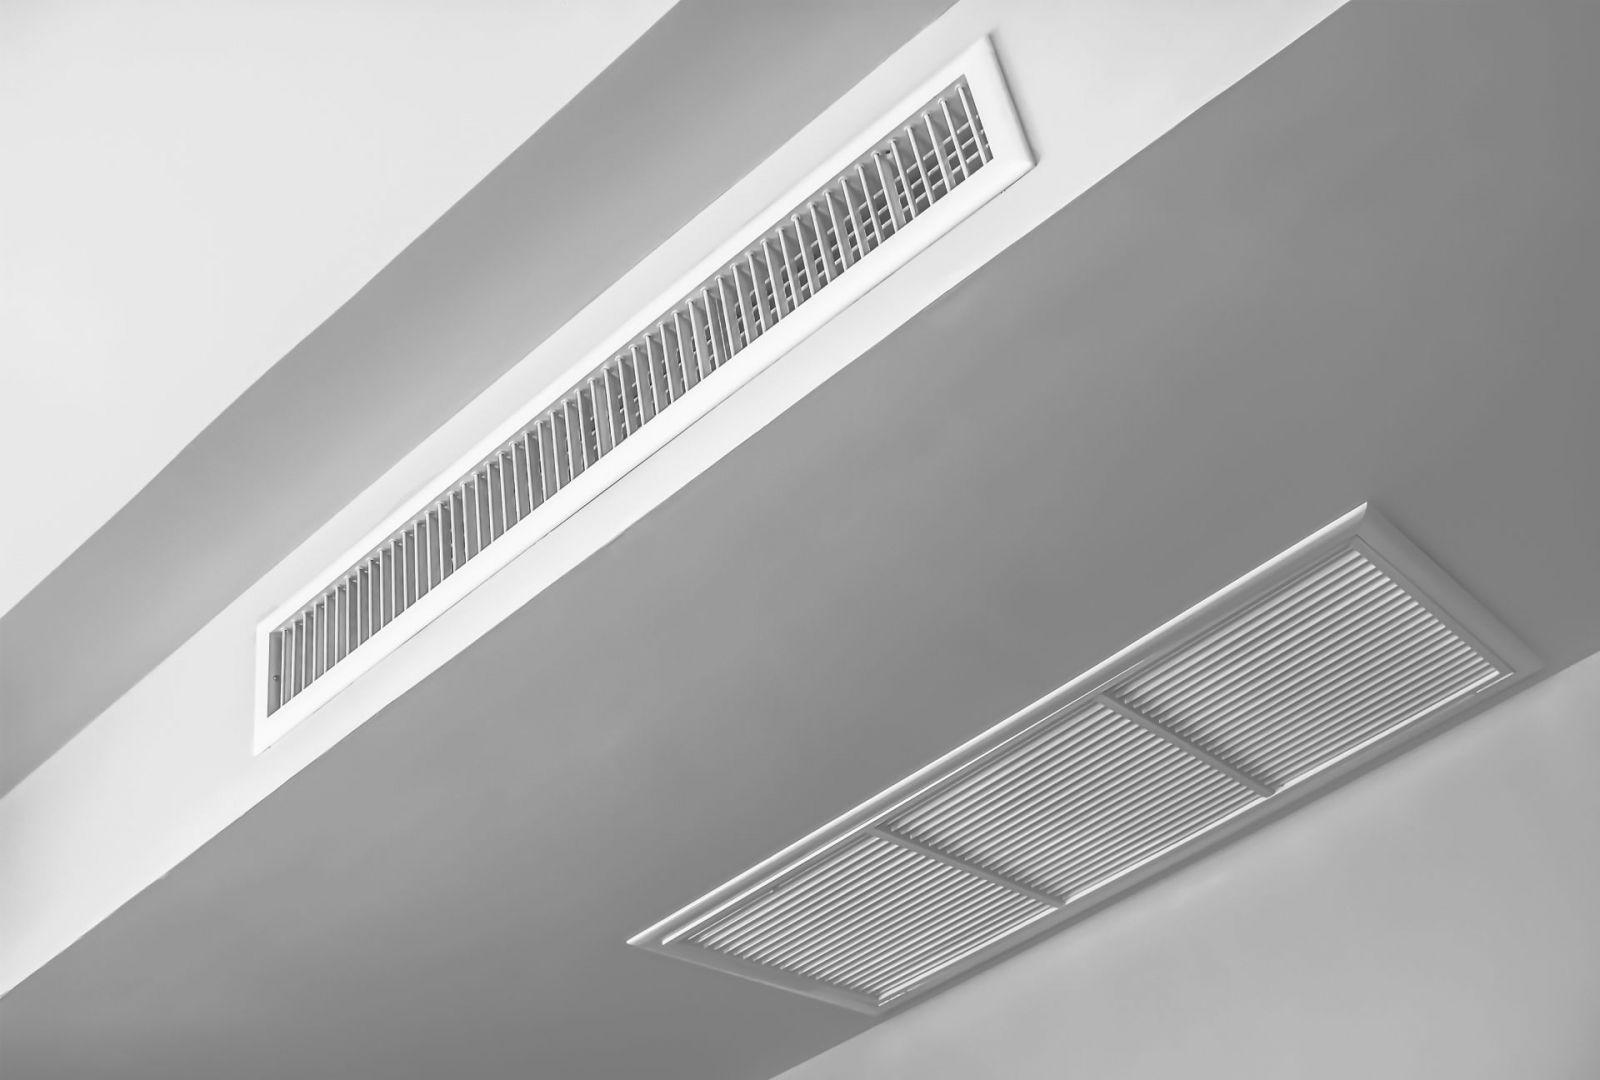 Klimatyzacja kanałowa - rozwiązanie do dużego domu fot. Shutterstock.jpg